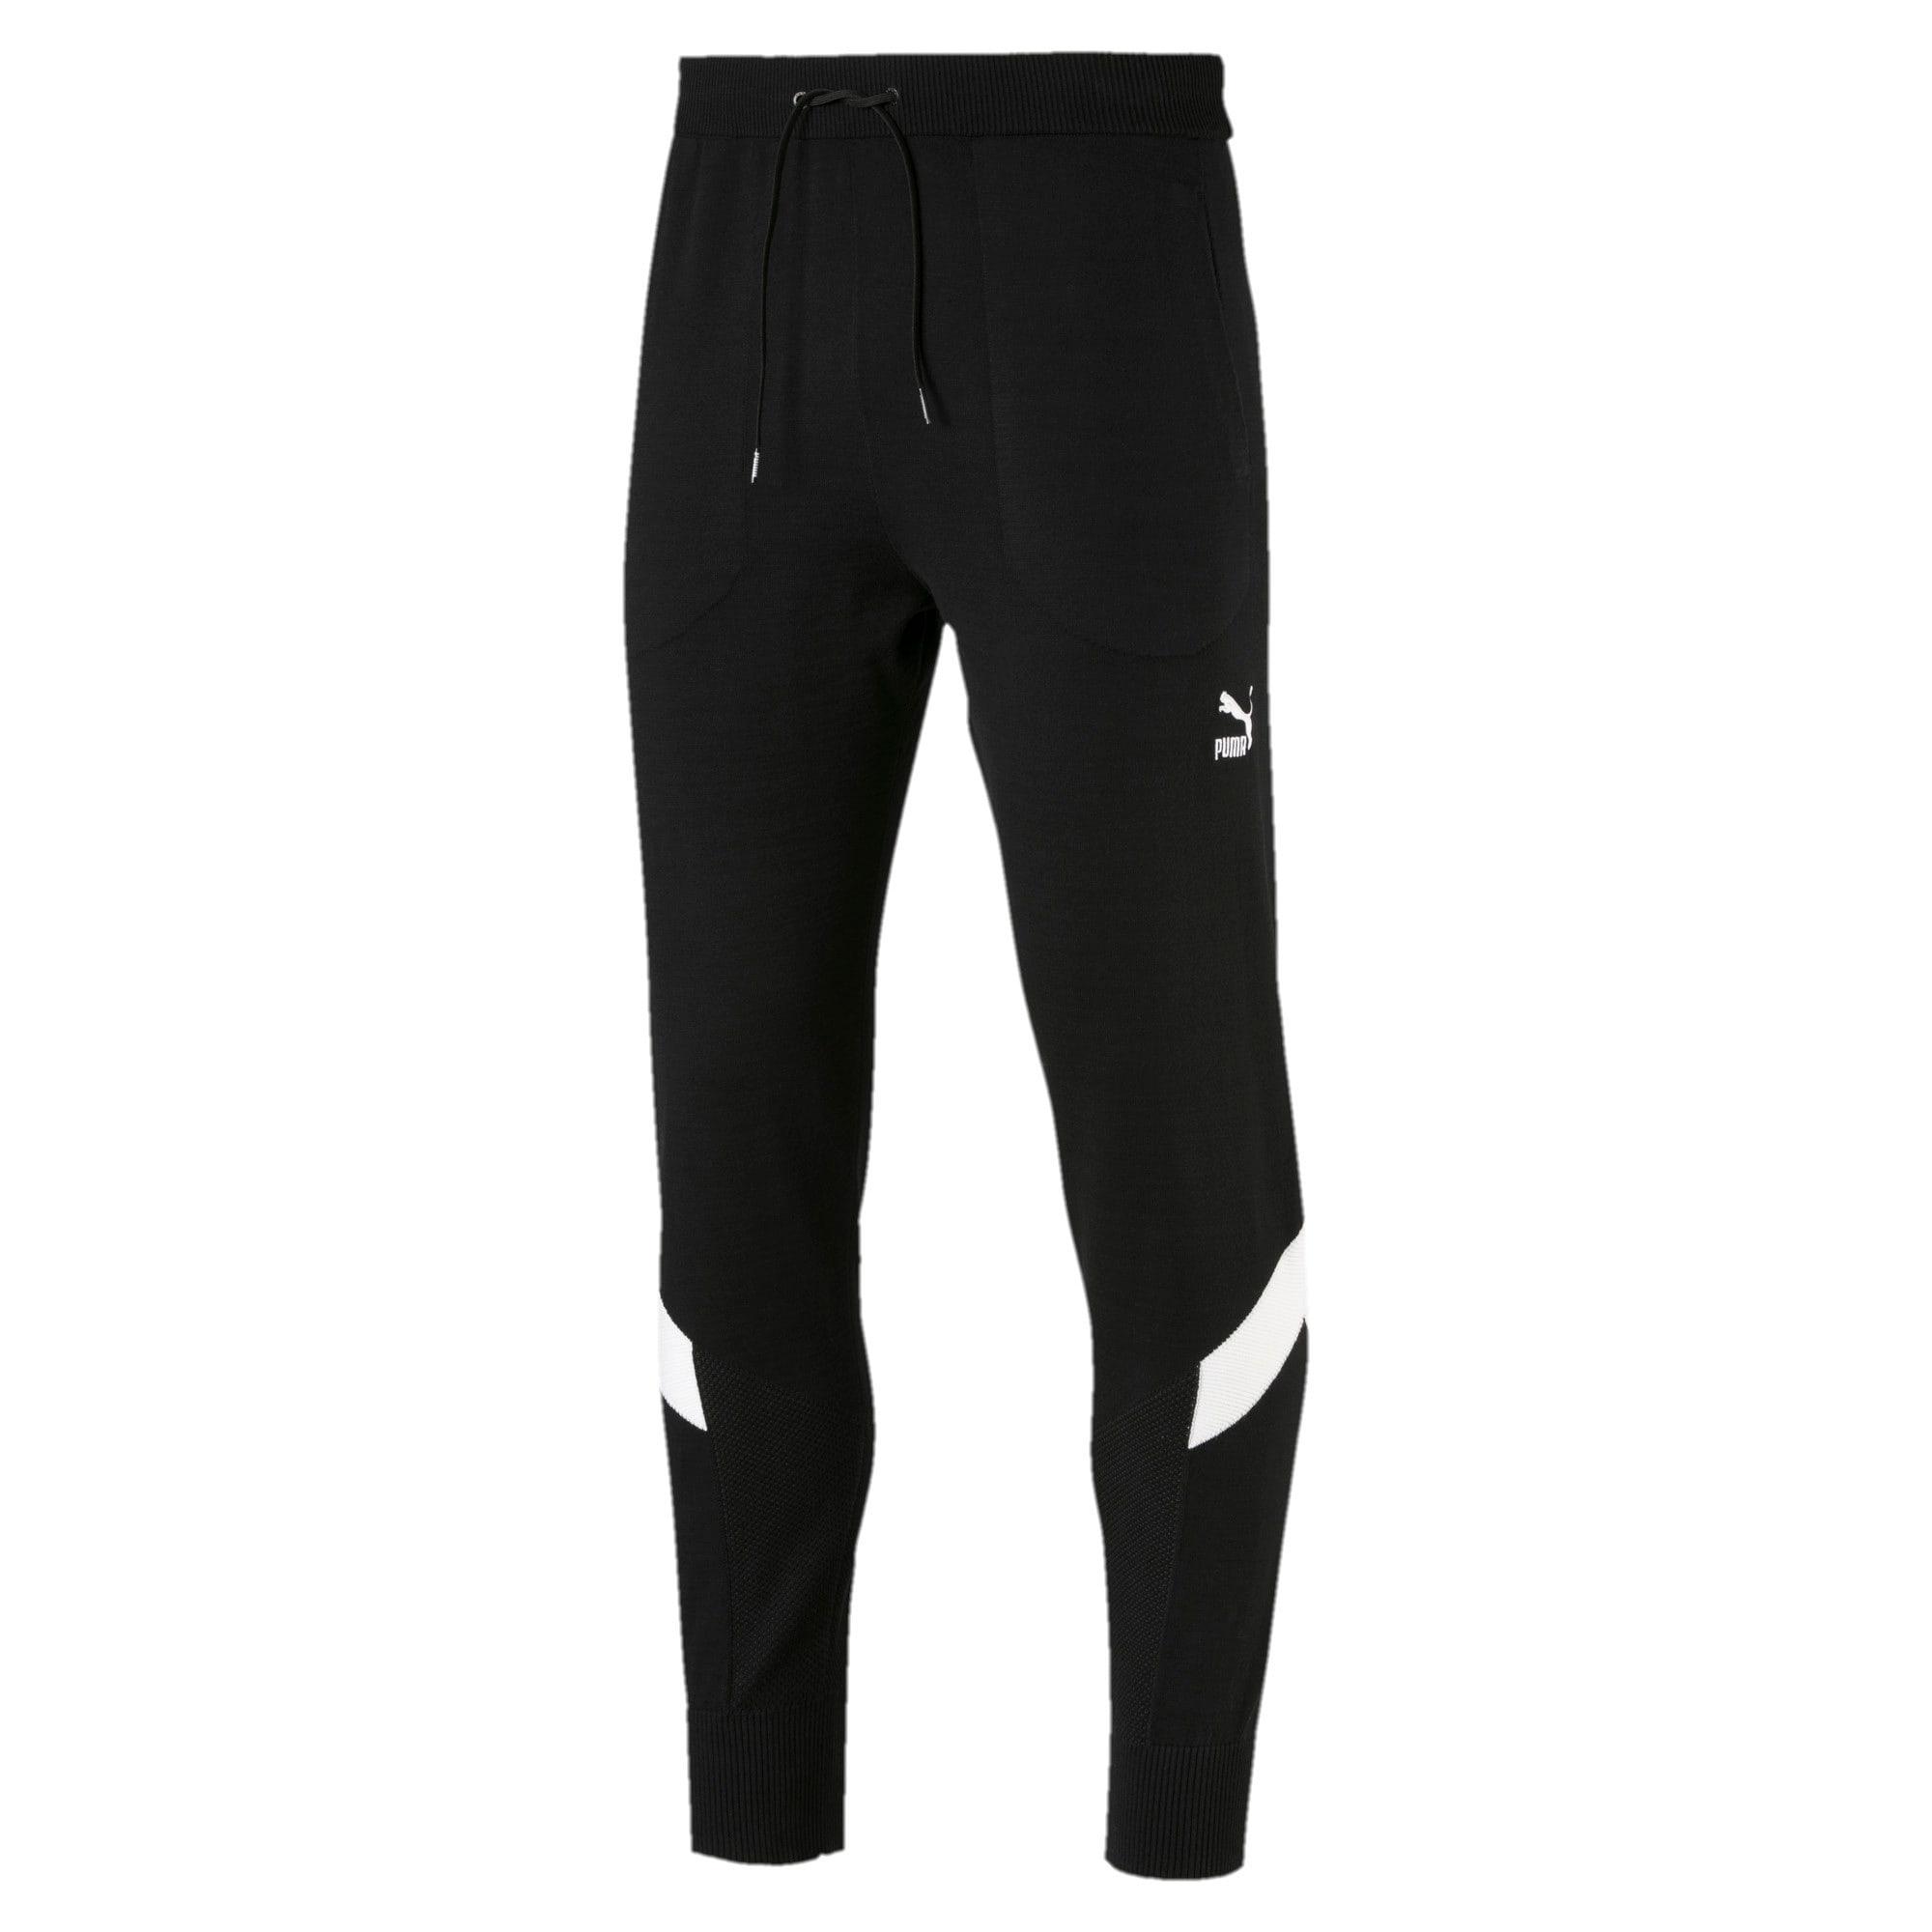 Thumbnail 1 of Iconic MCS Men's evoKNIT Pants, Puma Black, medium